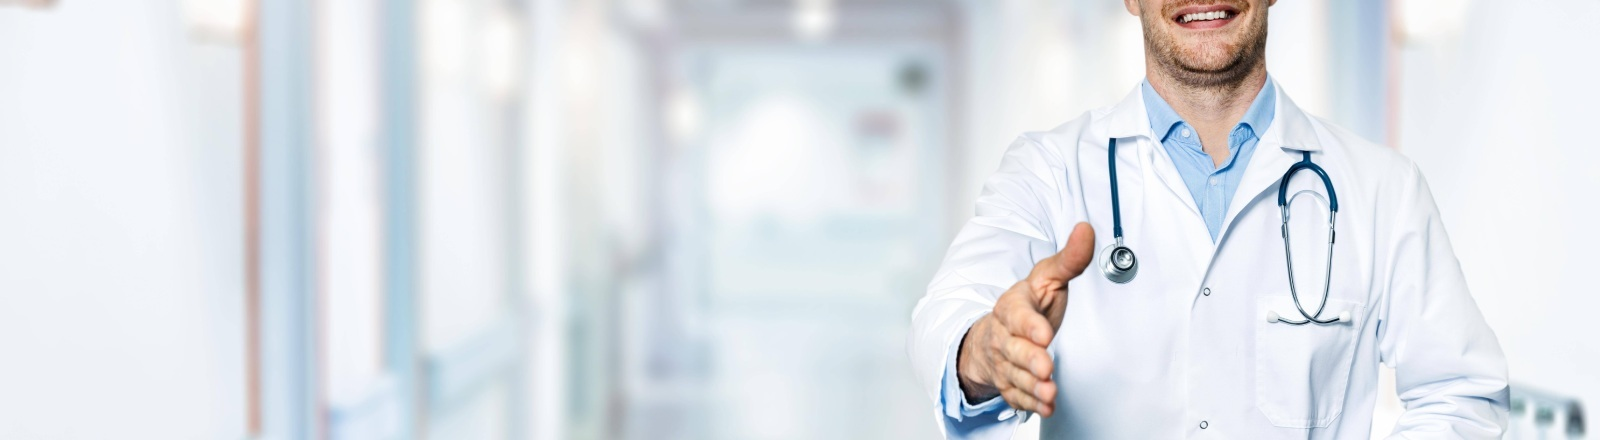 Arzt, der seine Hand zur Begrüßung ausstreckt